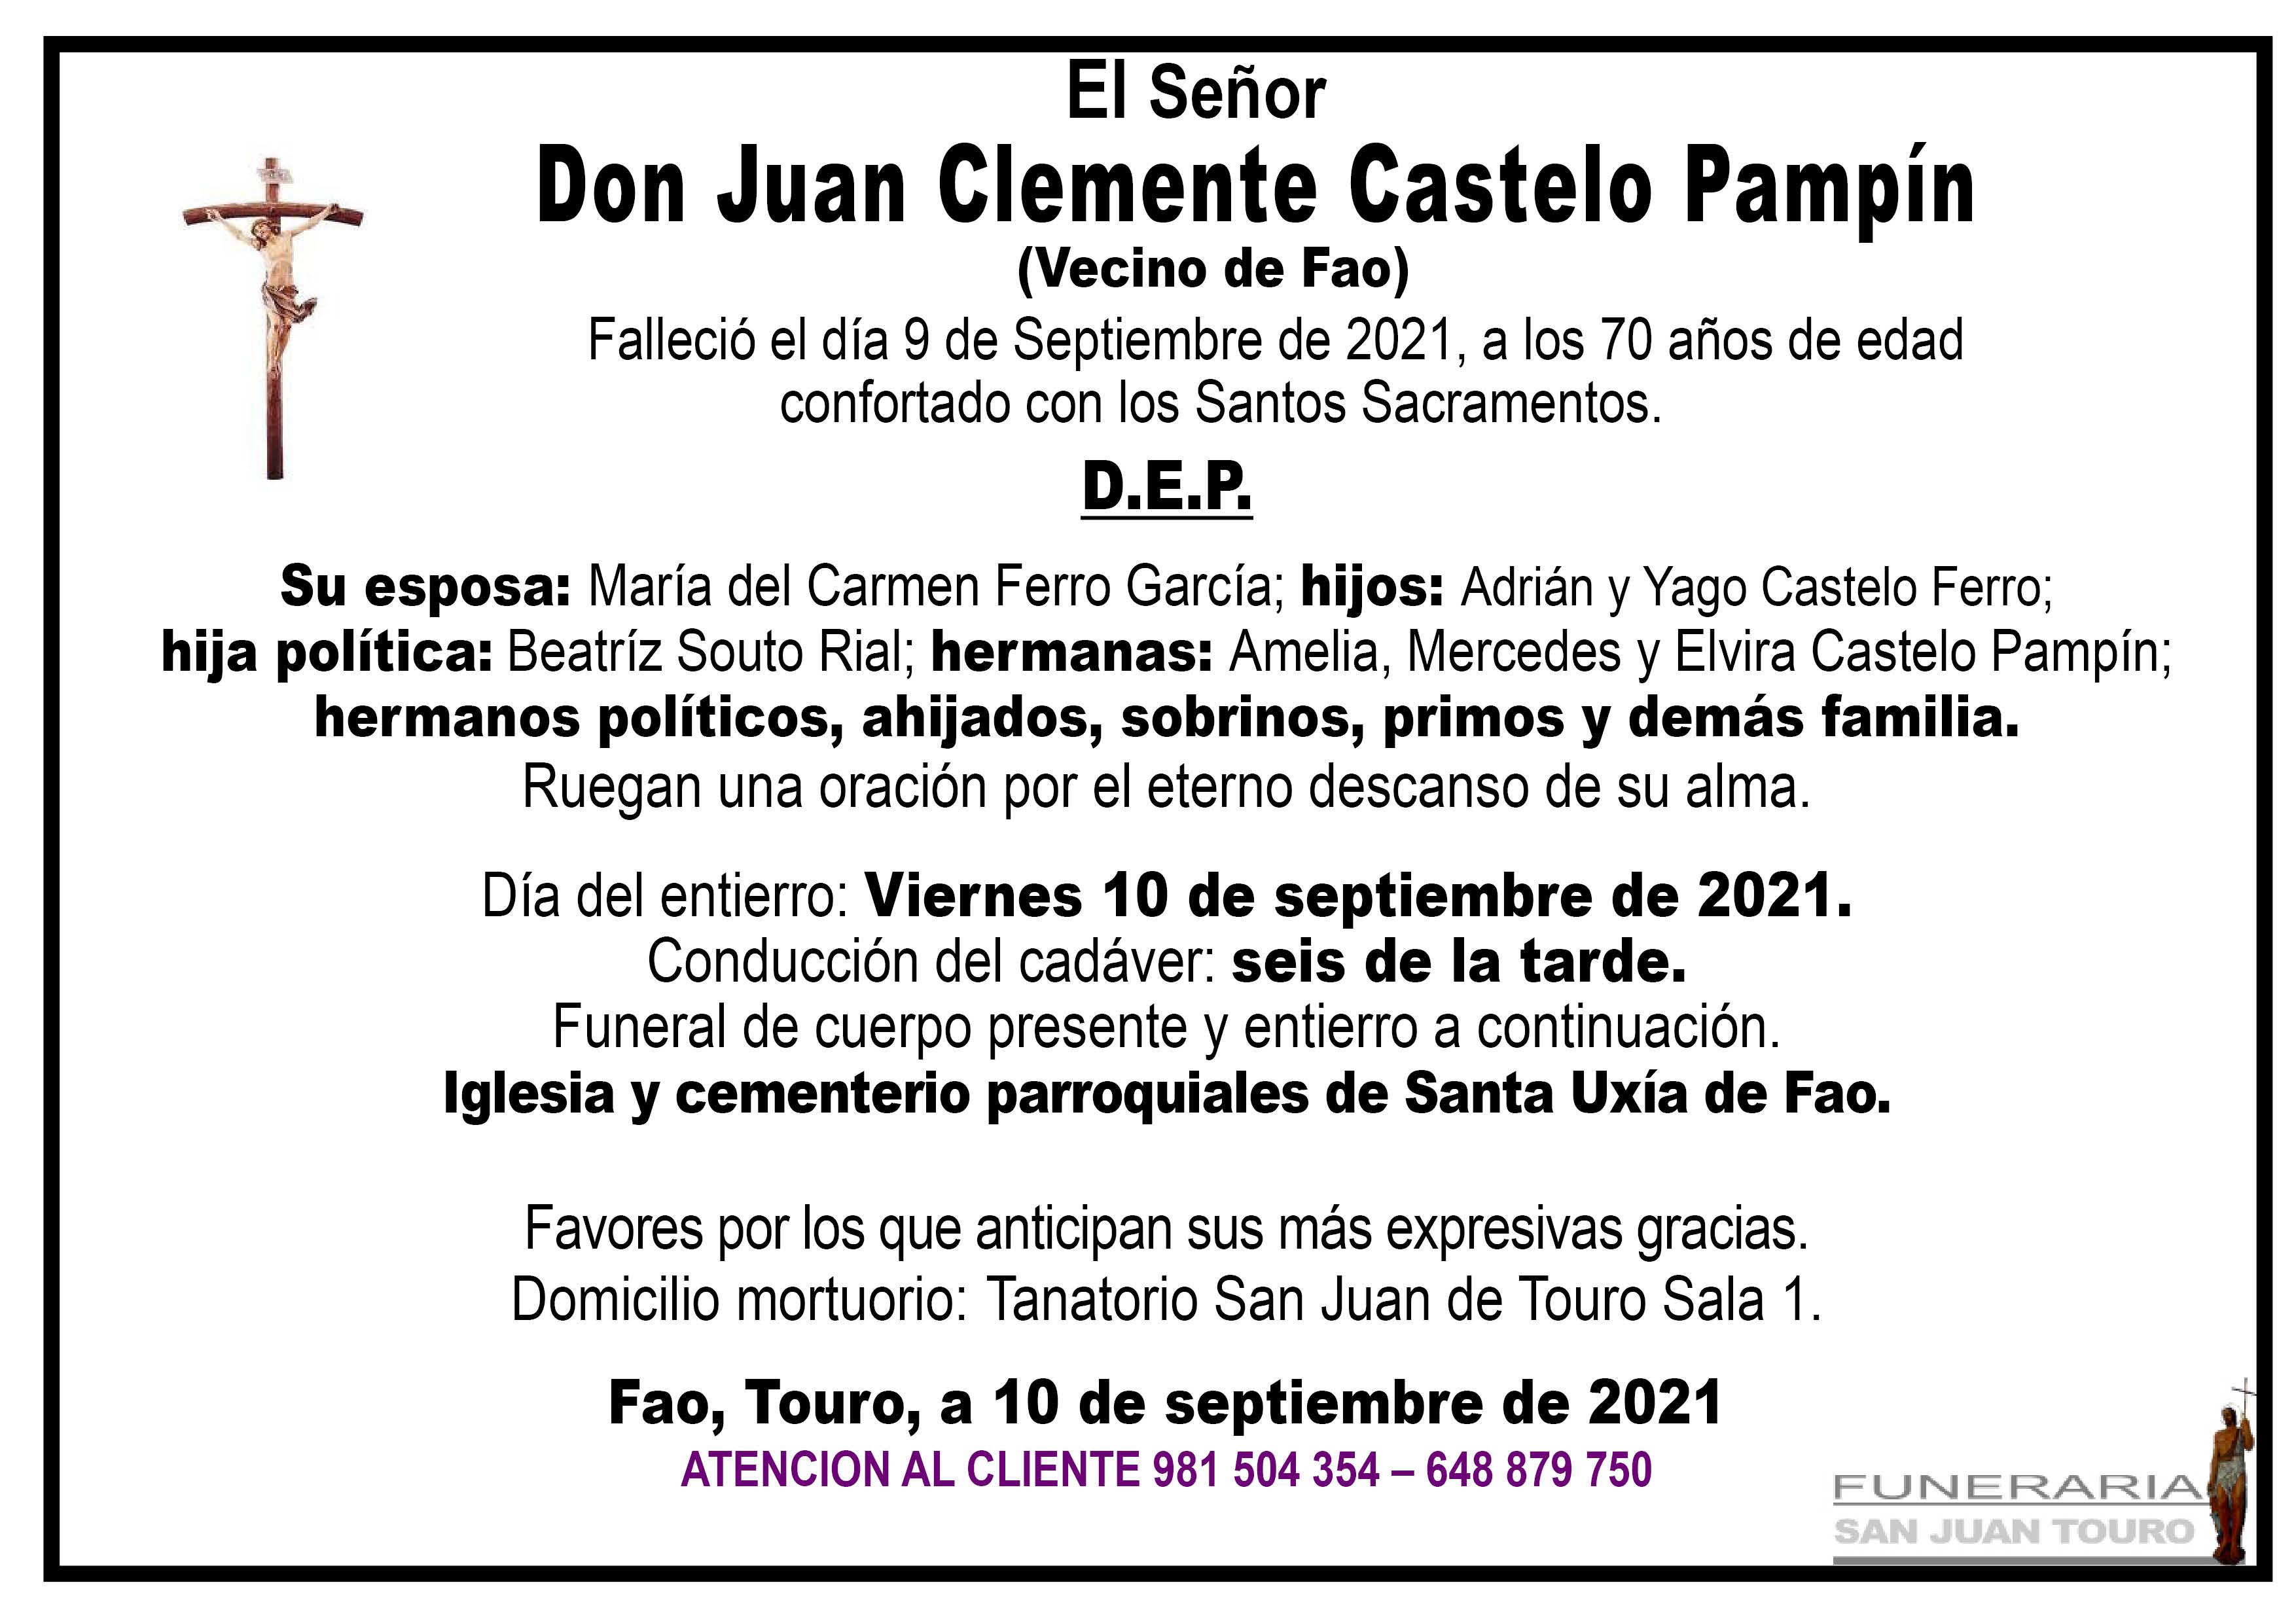 Esquela de SEPELIO DE DON JUAN CLEMENTE CASTELO PAMPIN